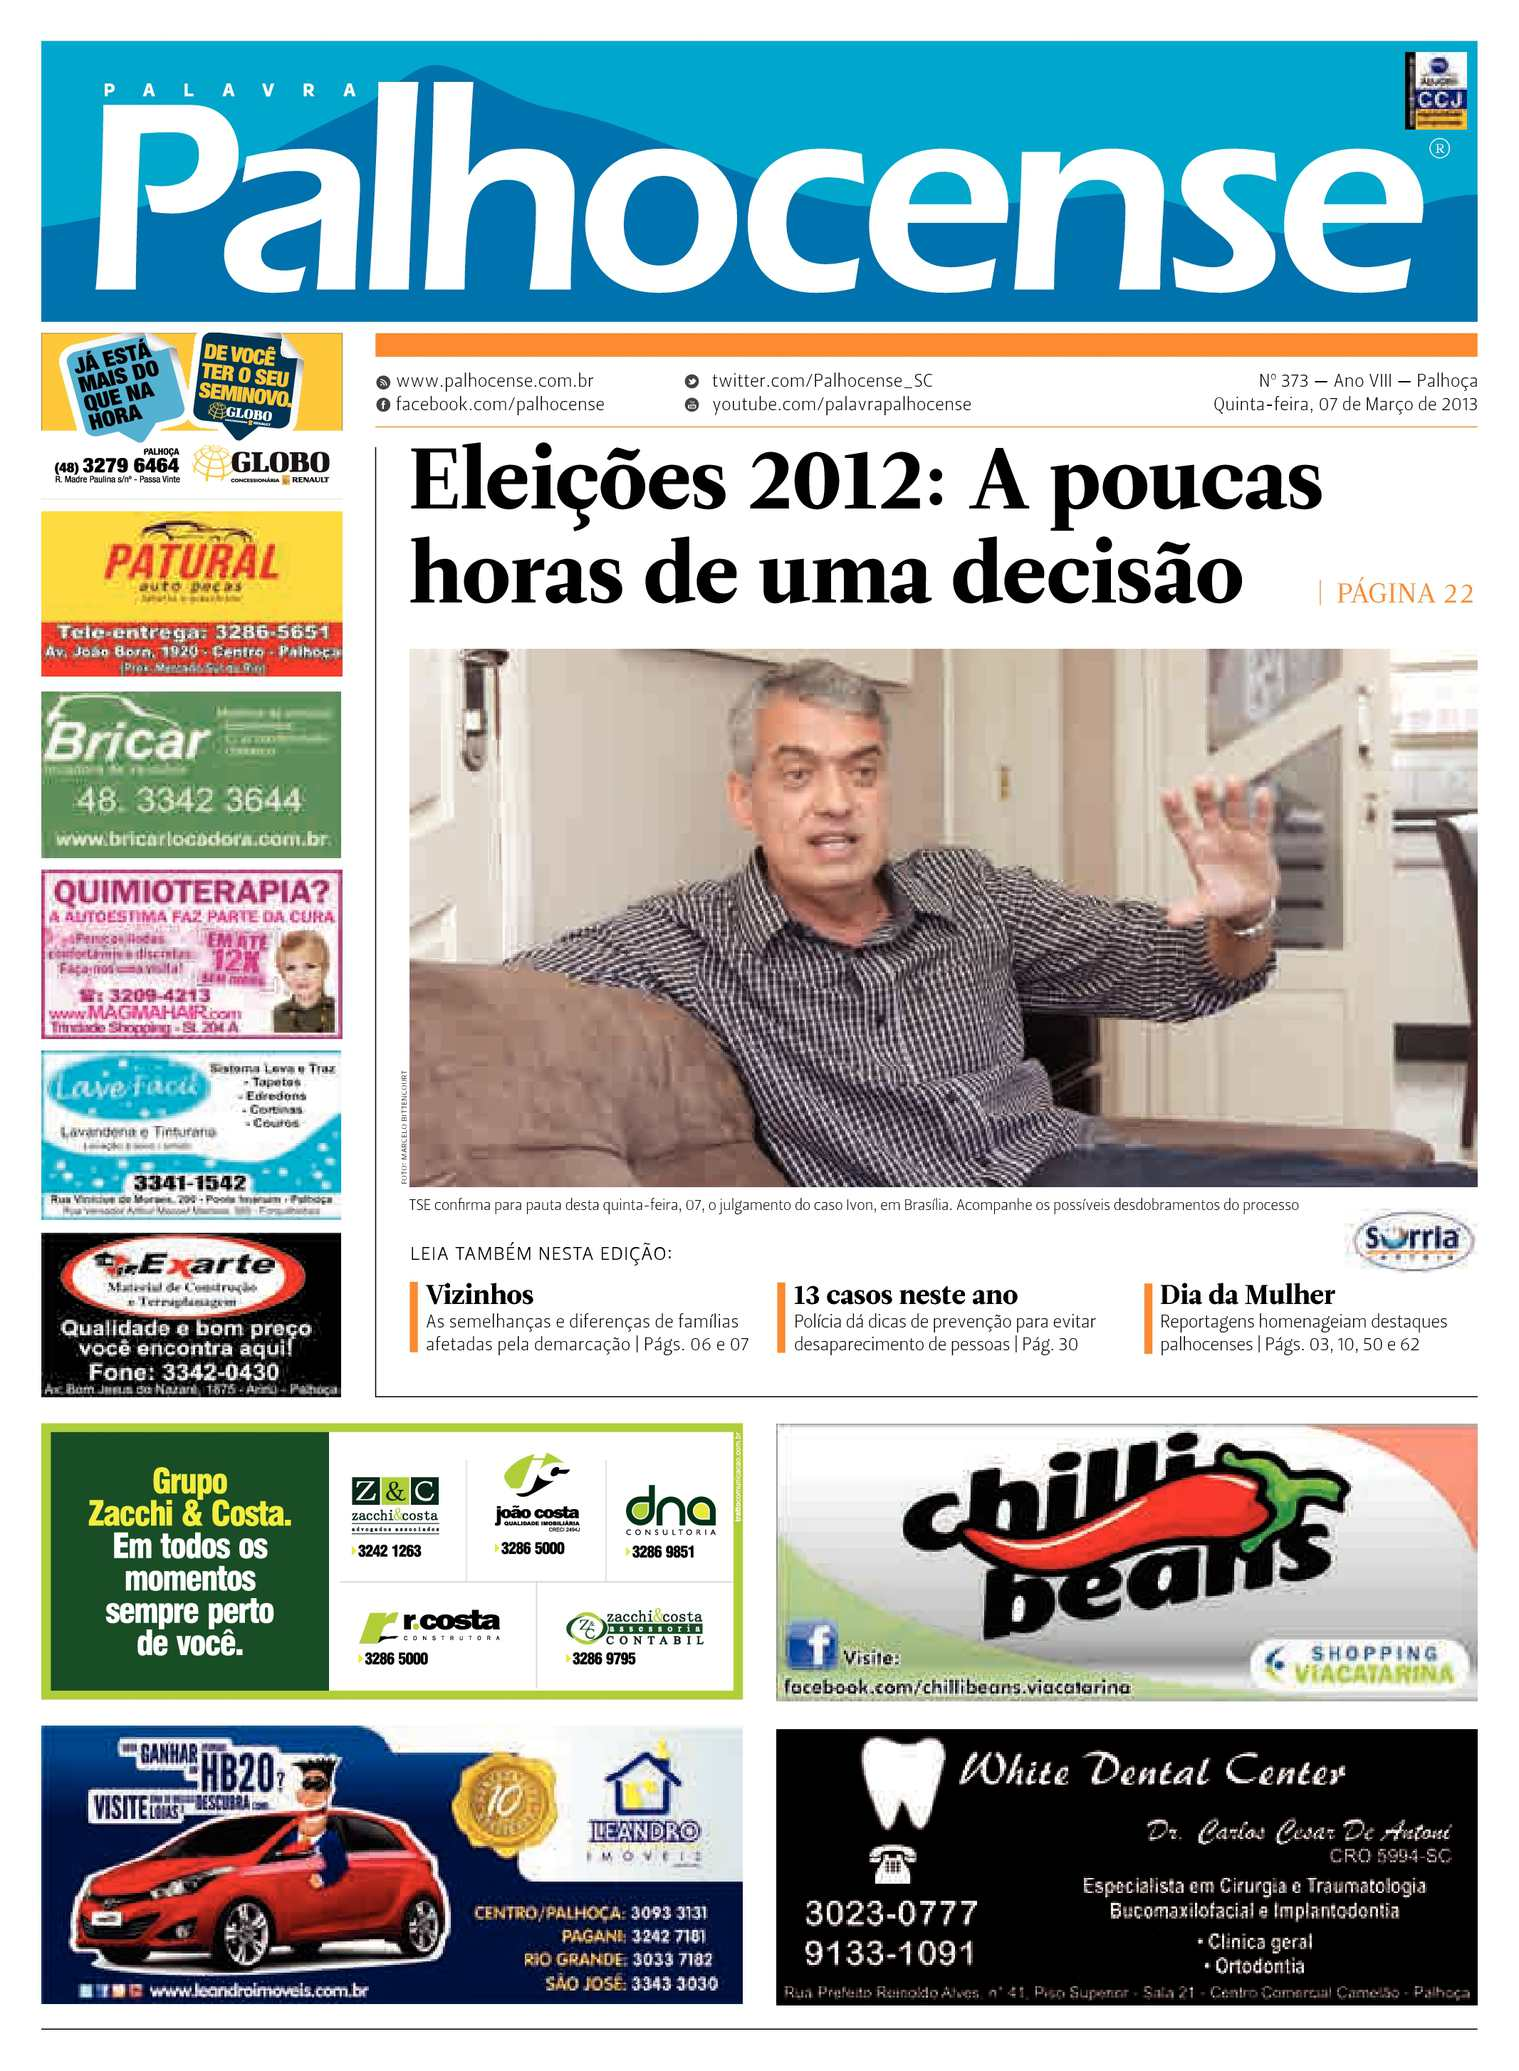 e218efec9 Calaméo - Jornal Palavra Palhocense - Edição 373